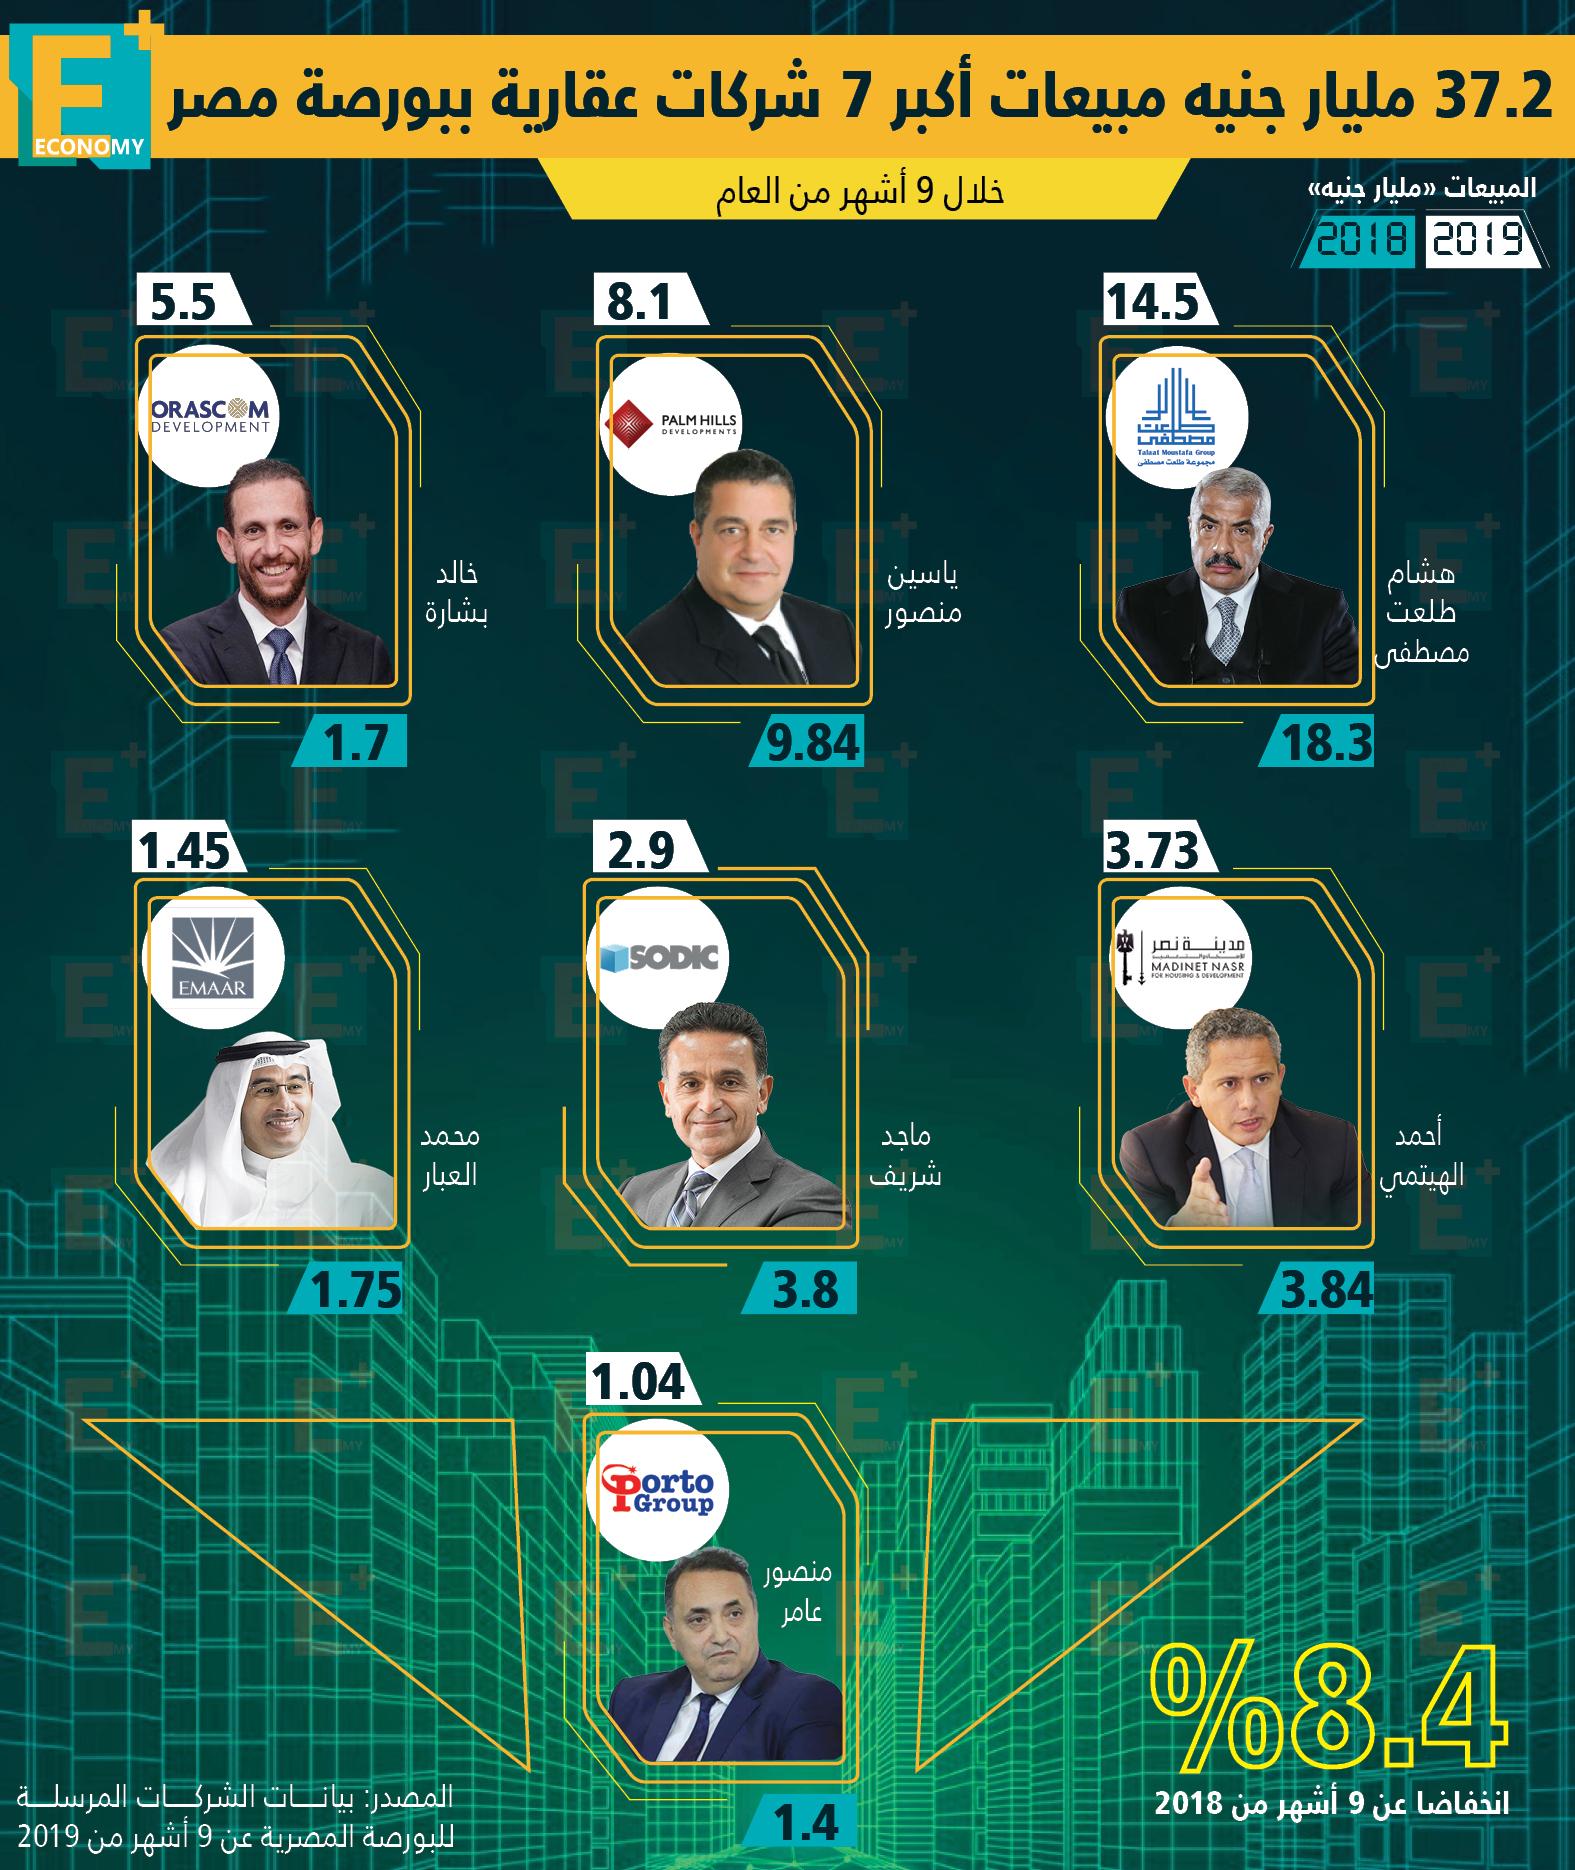 مبيعات أكبر شركات عقارية بالبورصة المصرية خلال 9 أشهر